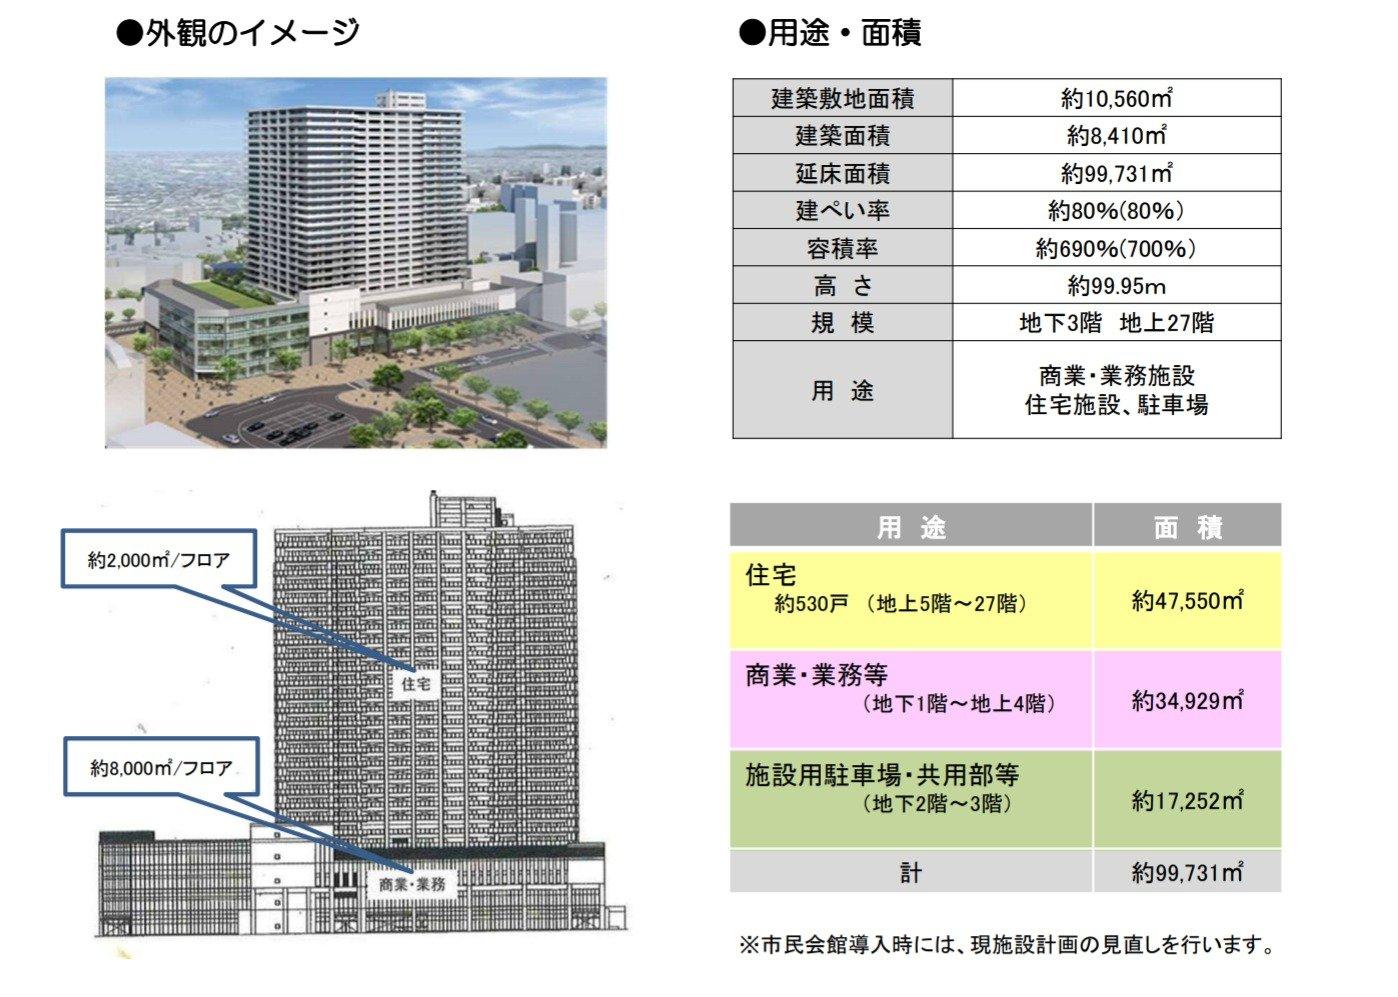 浦和駅西口南高砂地区第一種市街地再開発事業(出典:平成29年9月 都市経営戦略会議資料)